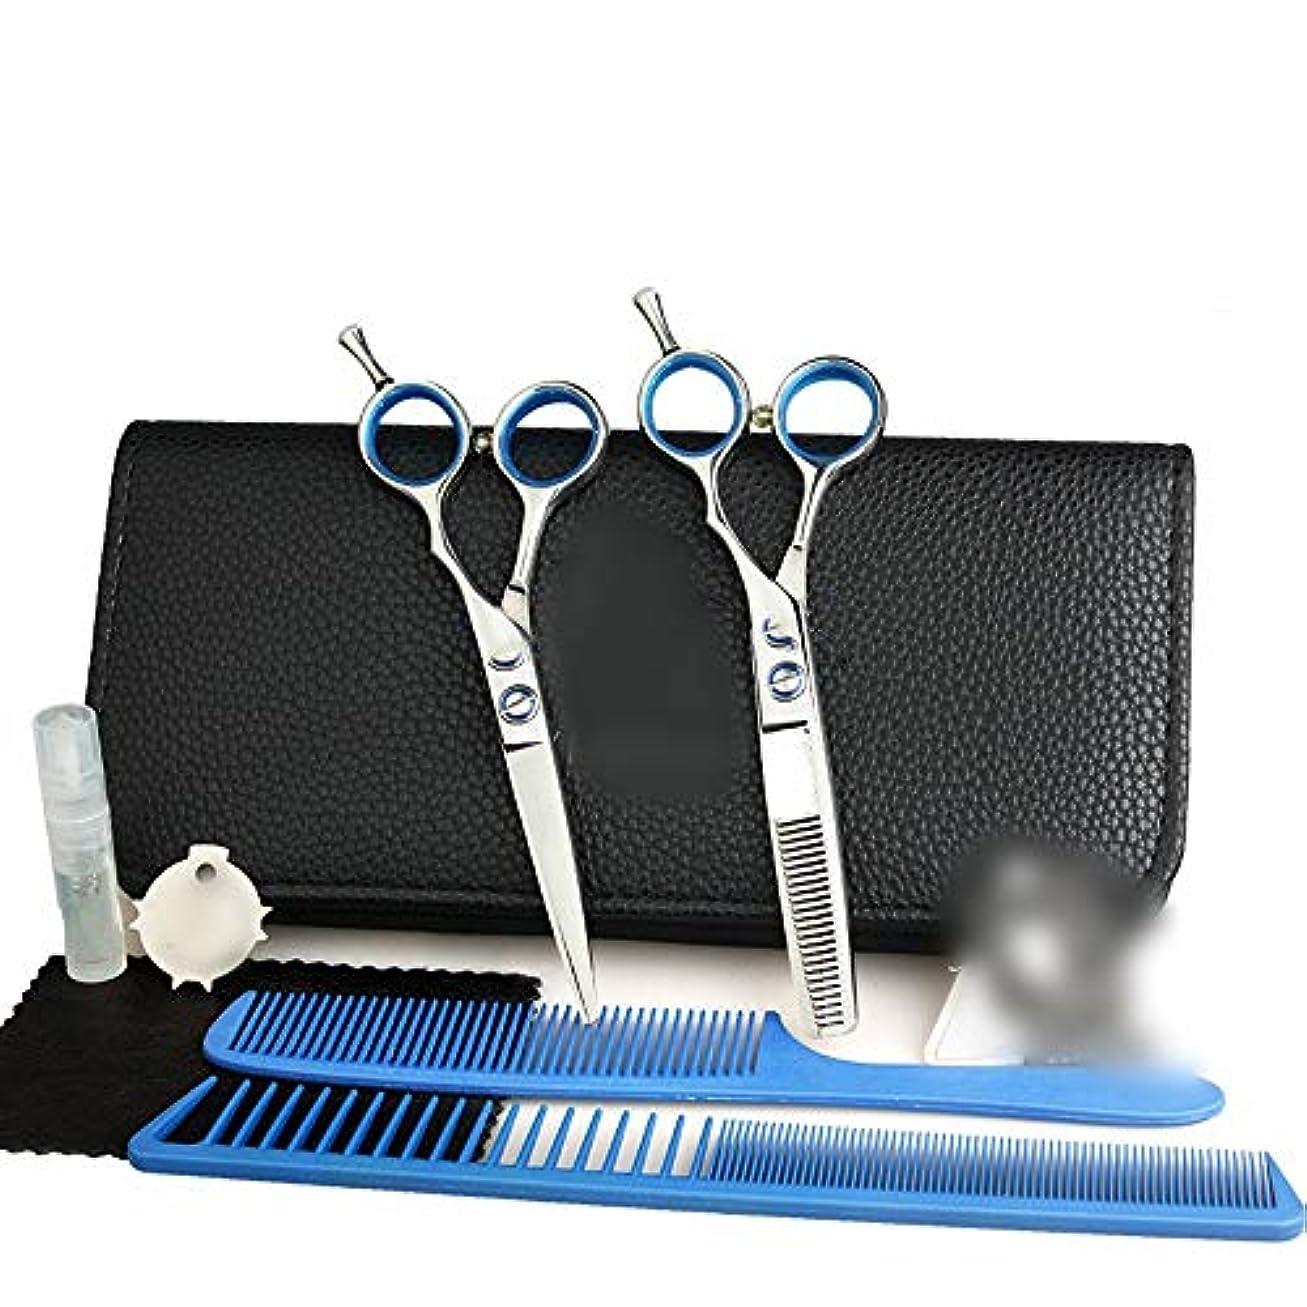 促進するのキロメートル5.5インチ理髪はさみセット、フラット+歯シザー理髪はさみツールセット モデリングツール (色 : Silver)